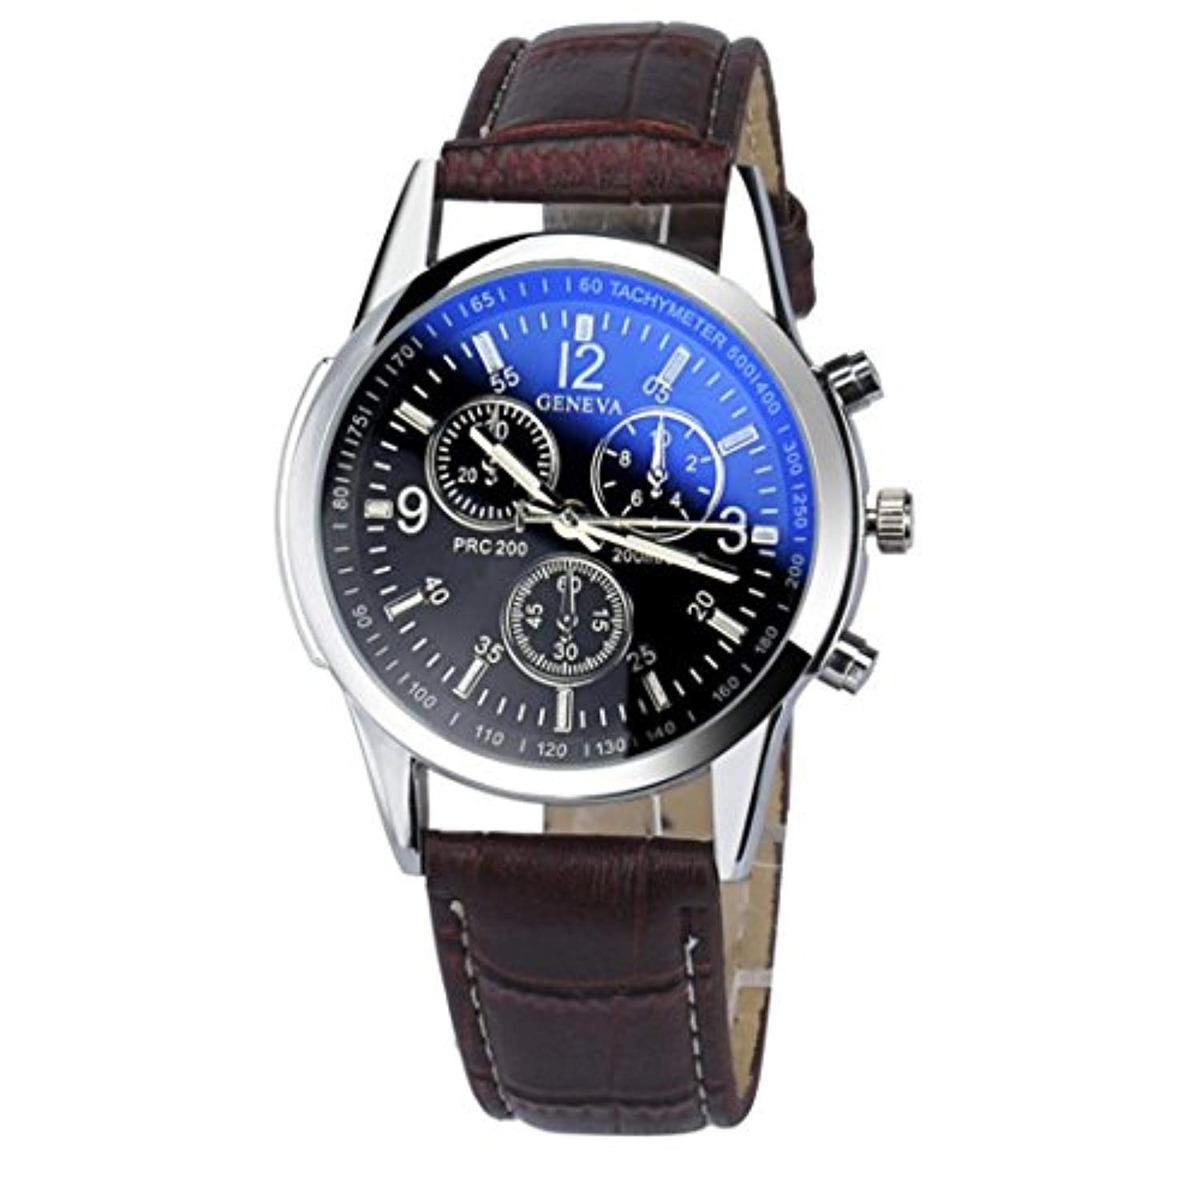 7db258ebff52 Reloj Hombre Lujo Moda De Imitación Cuero -   911.88 en Mercado Libre